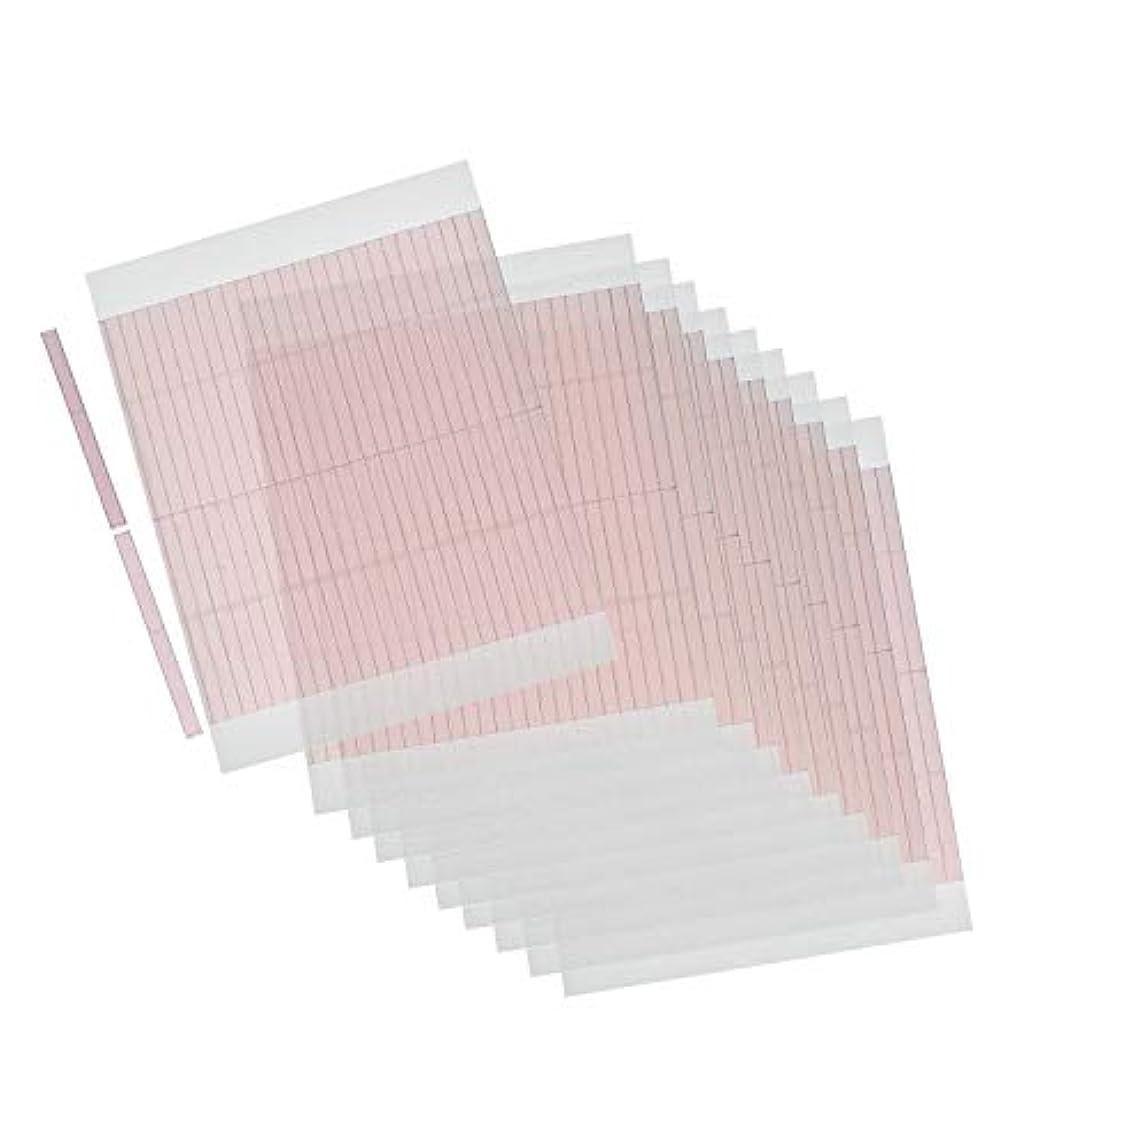 暗くする伝える脱獄m.tivance アイテープ 二重瞼形成 二重テープ 10シートセット 520本入り/アイテープ10枚セット